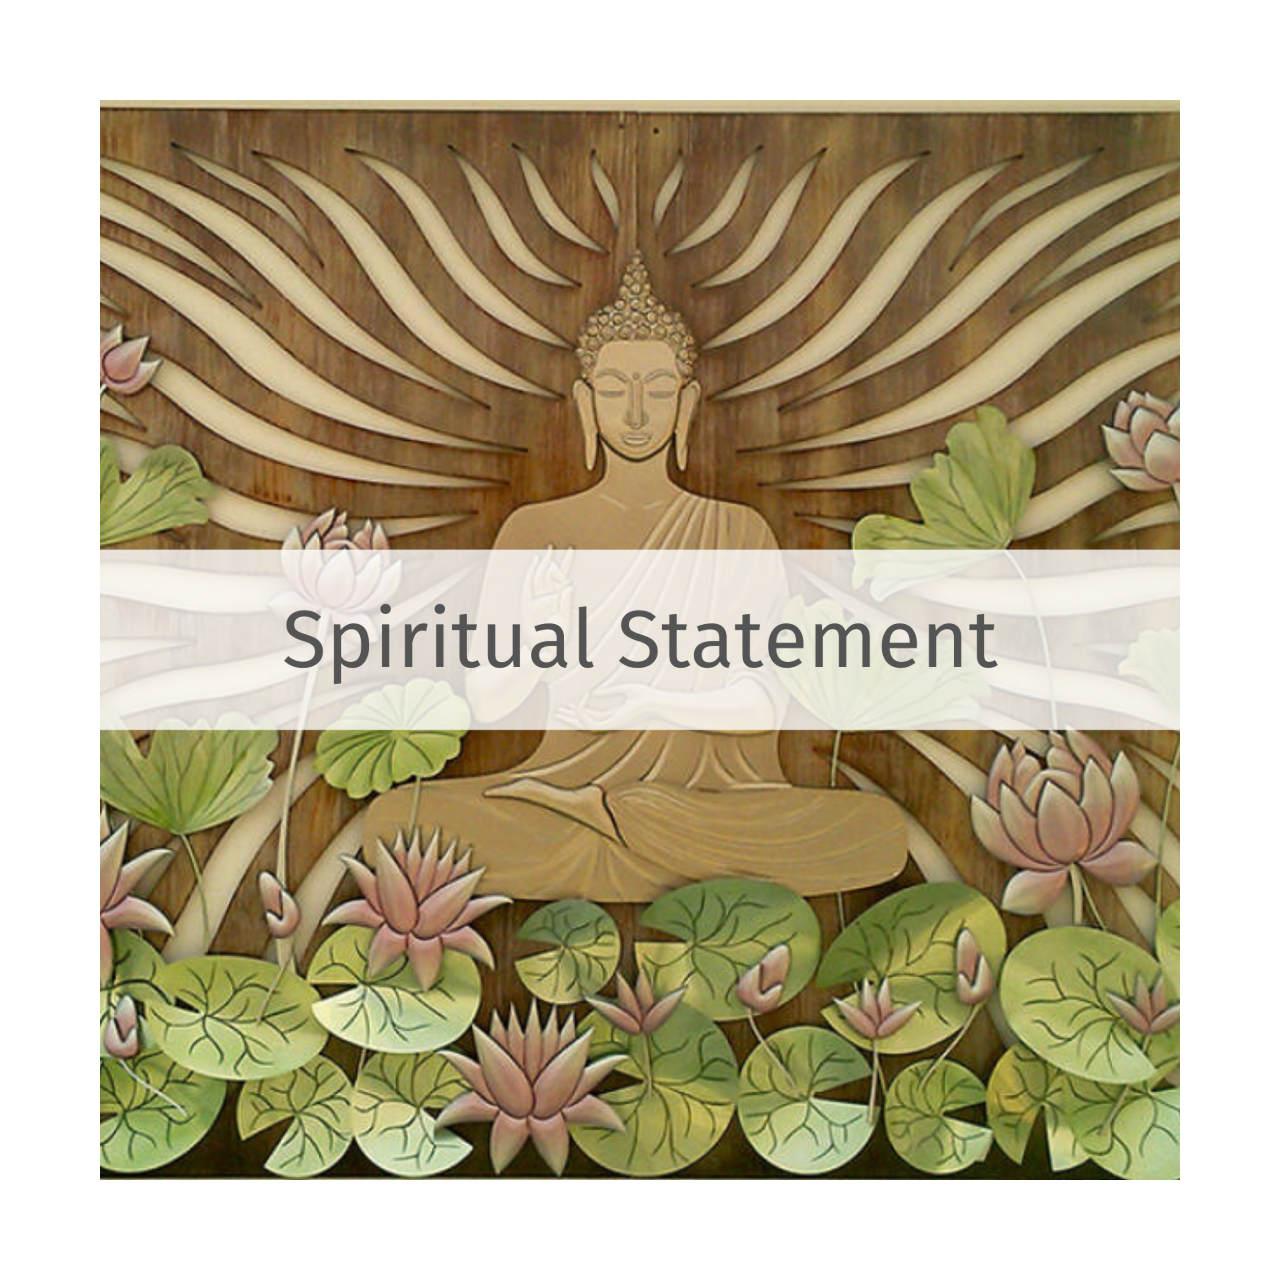 SpiritualStatement7.jpg